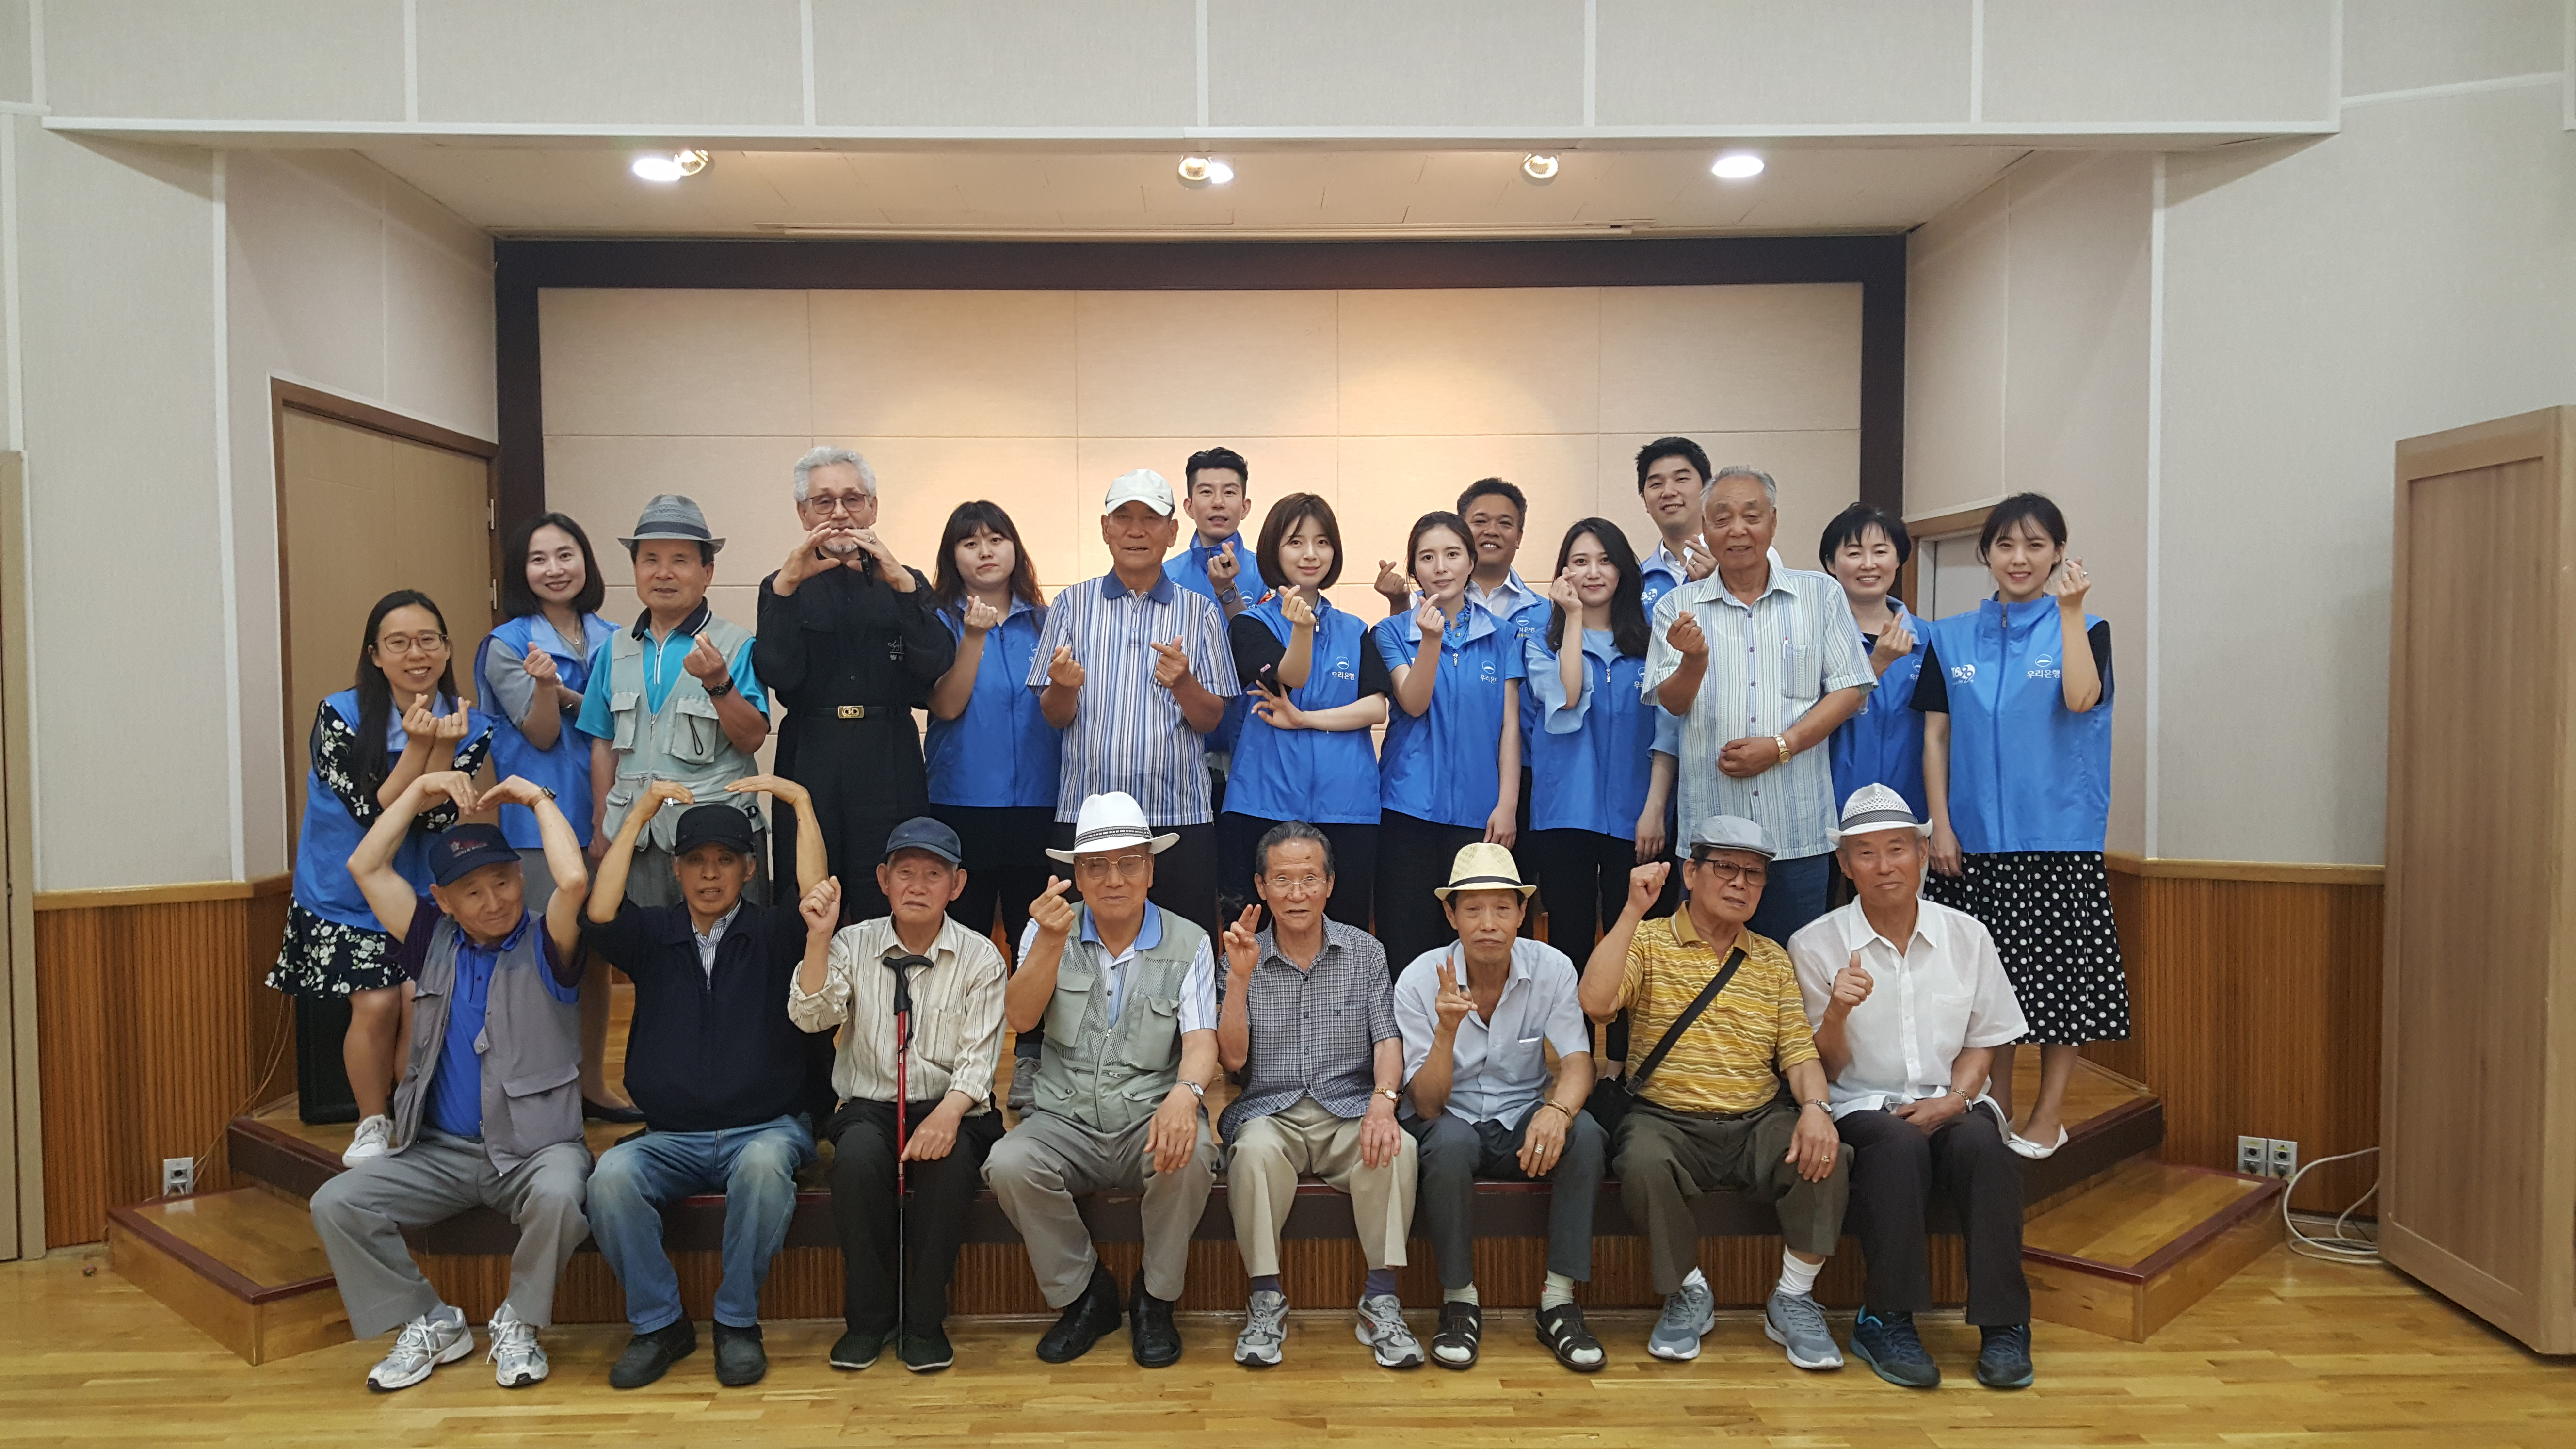 [6월 나눔소식] 우리은행 소공동지점 - '노풍당당' 어르신 문화활동을 위한 후원금 전달